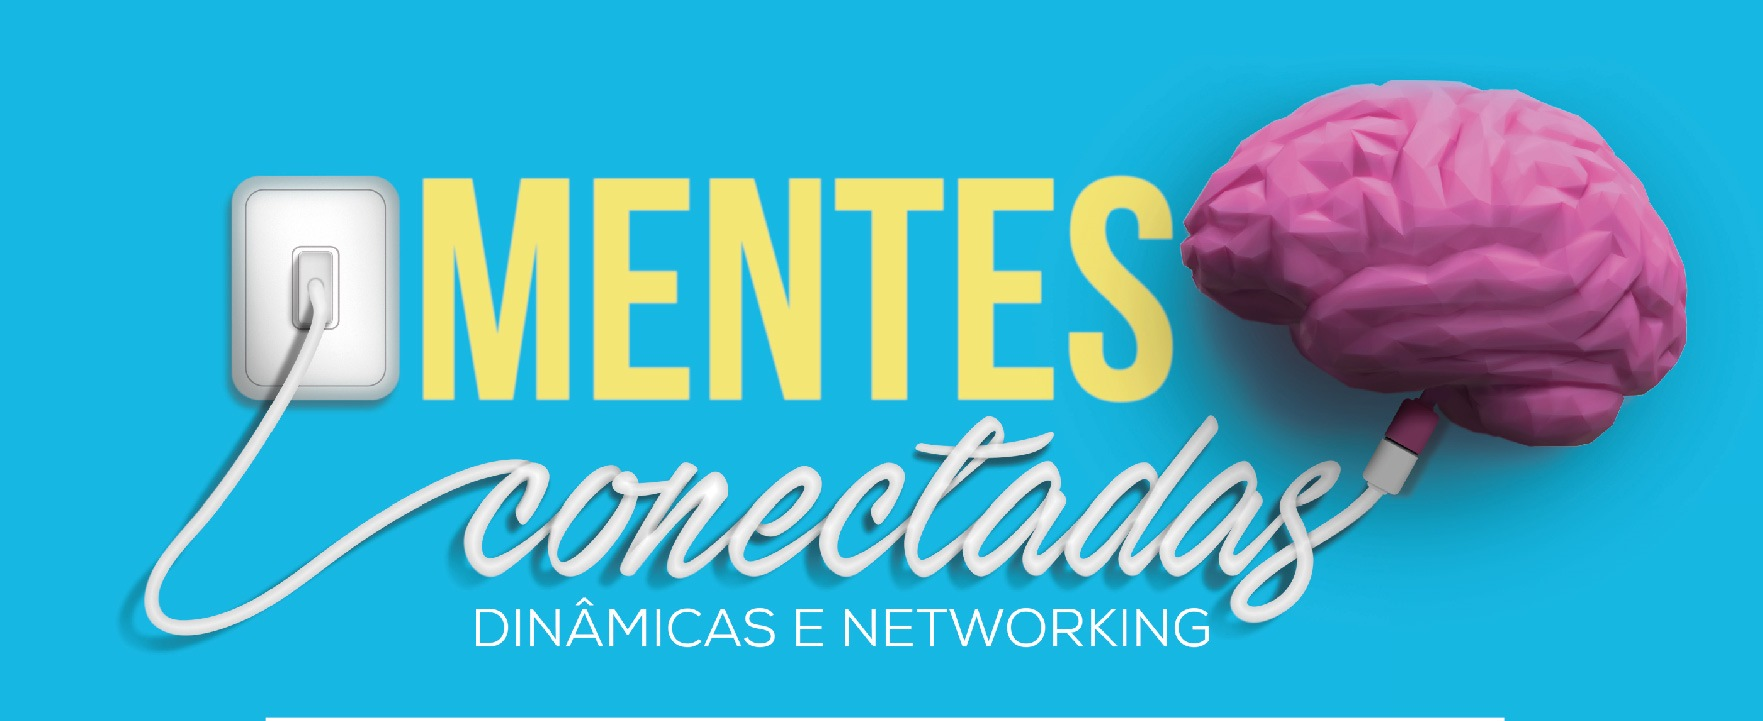 Mentes Conectadas: Comitê de Mulheres Empreendedoras da ACI promove, na próxima terça-feira, evento com dinâmicas e networking